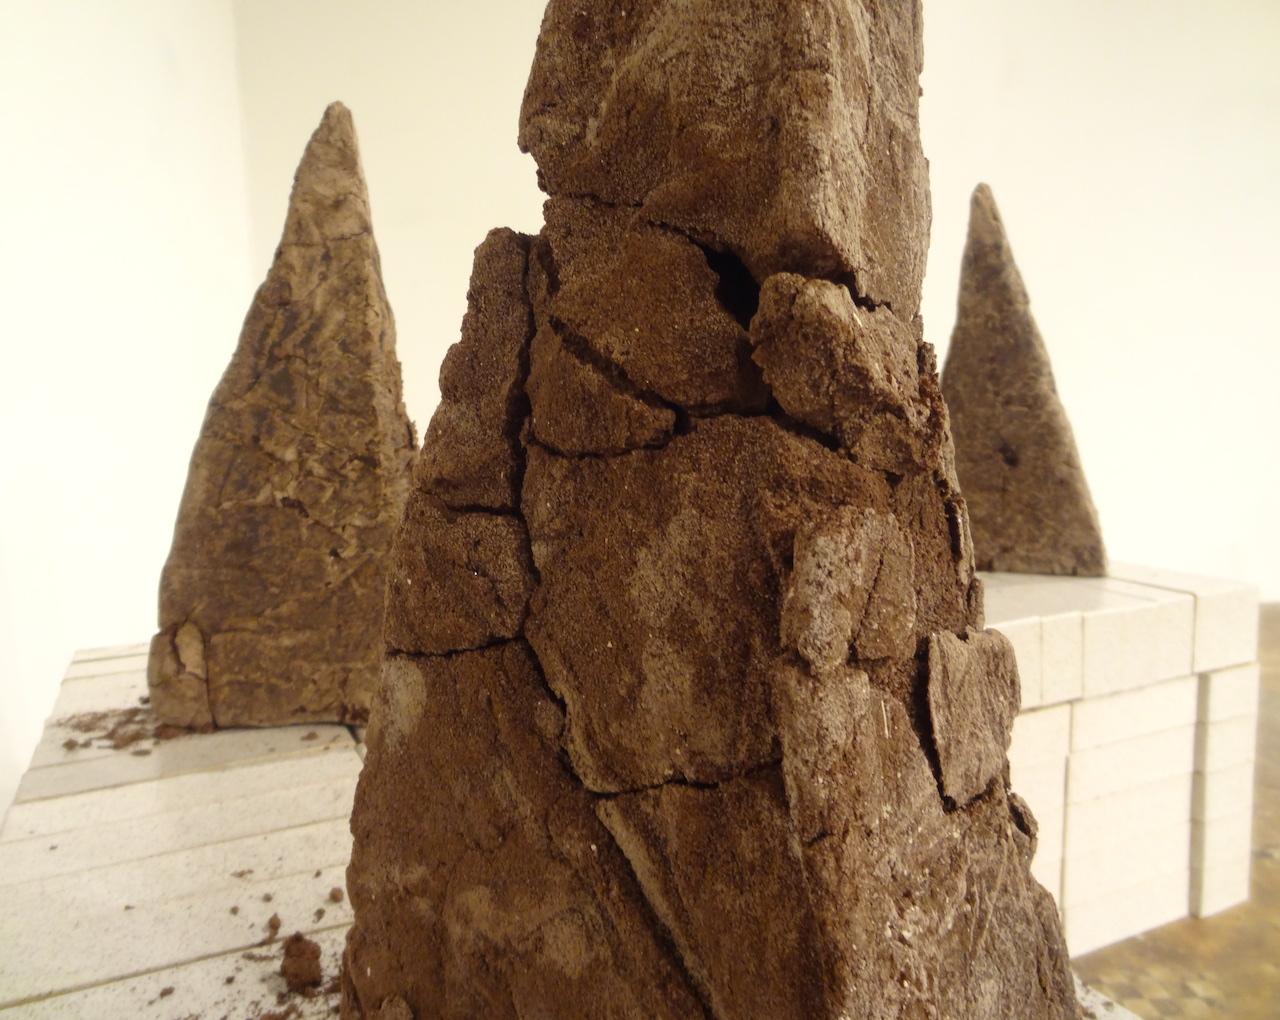 Detail of Gabriela Salazar's 'My Lands are Islands' at NURTUREart